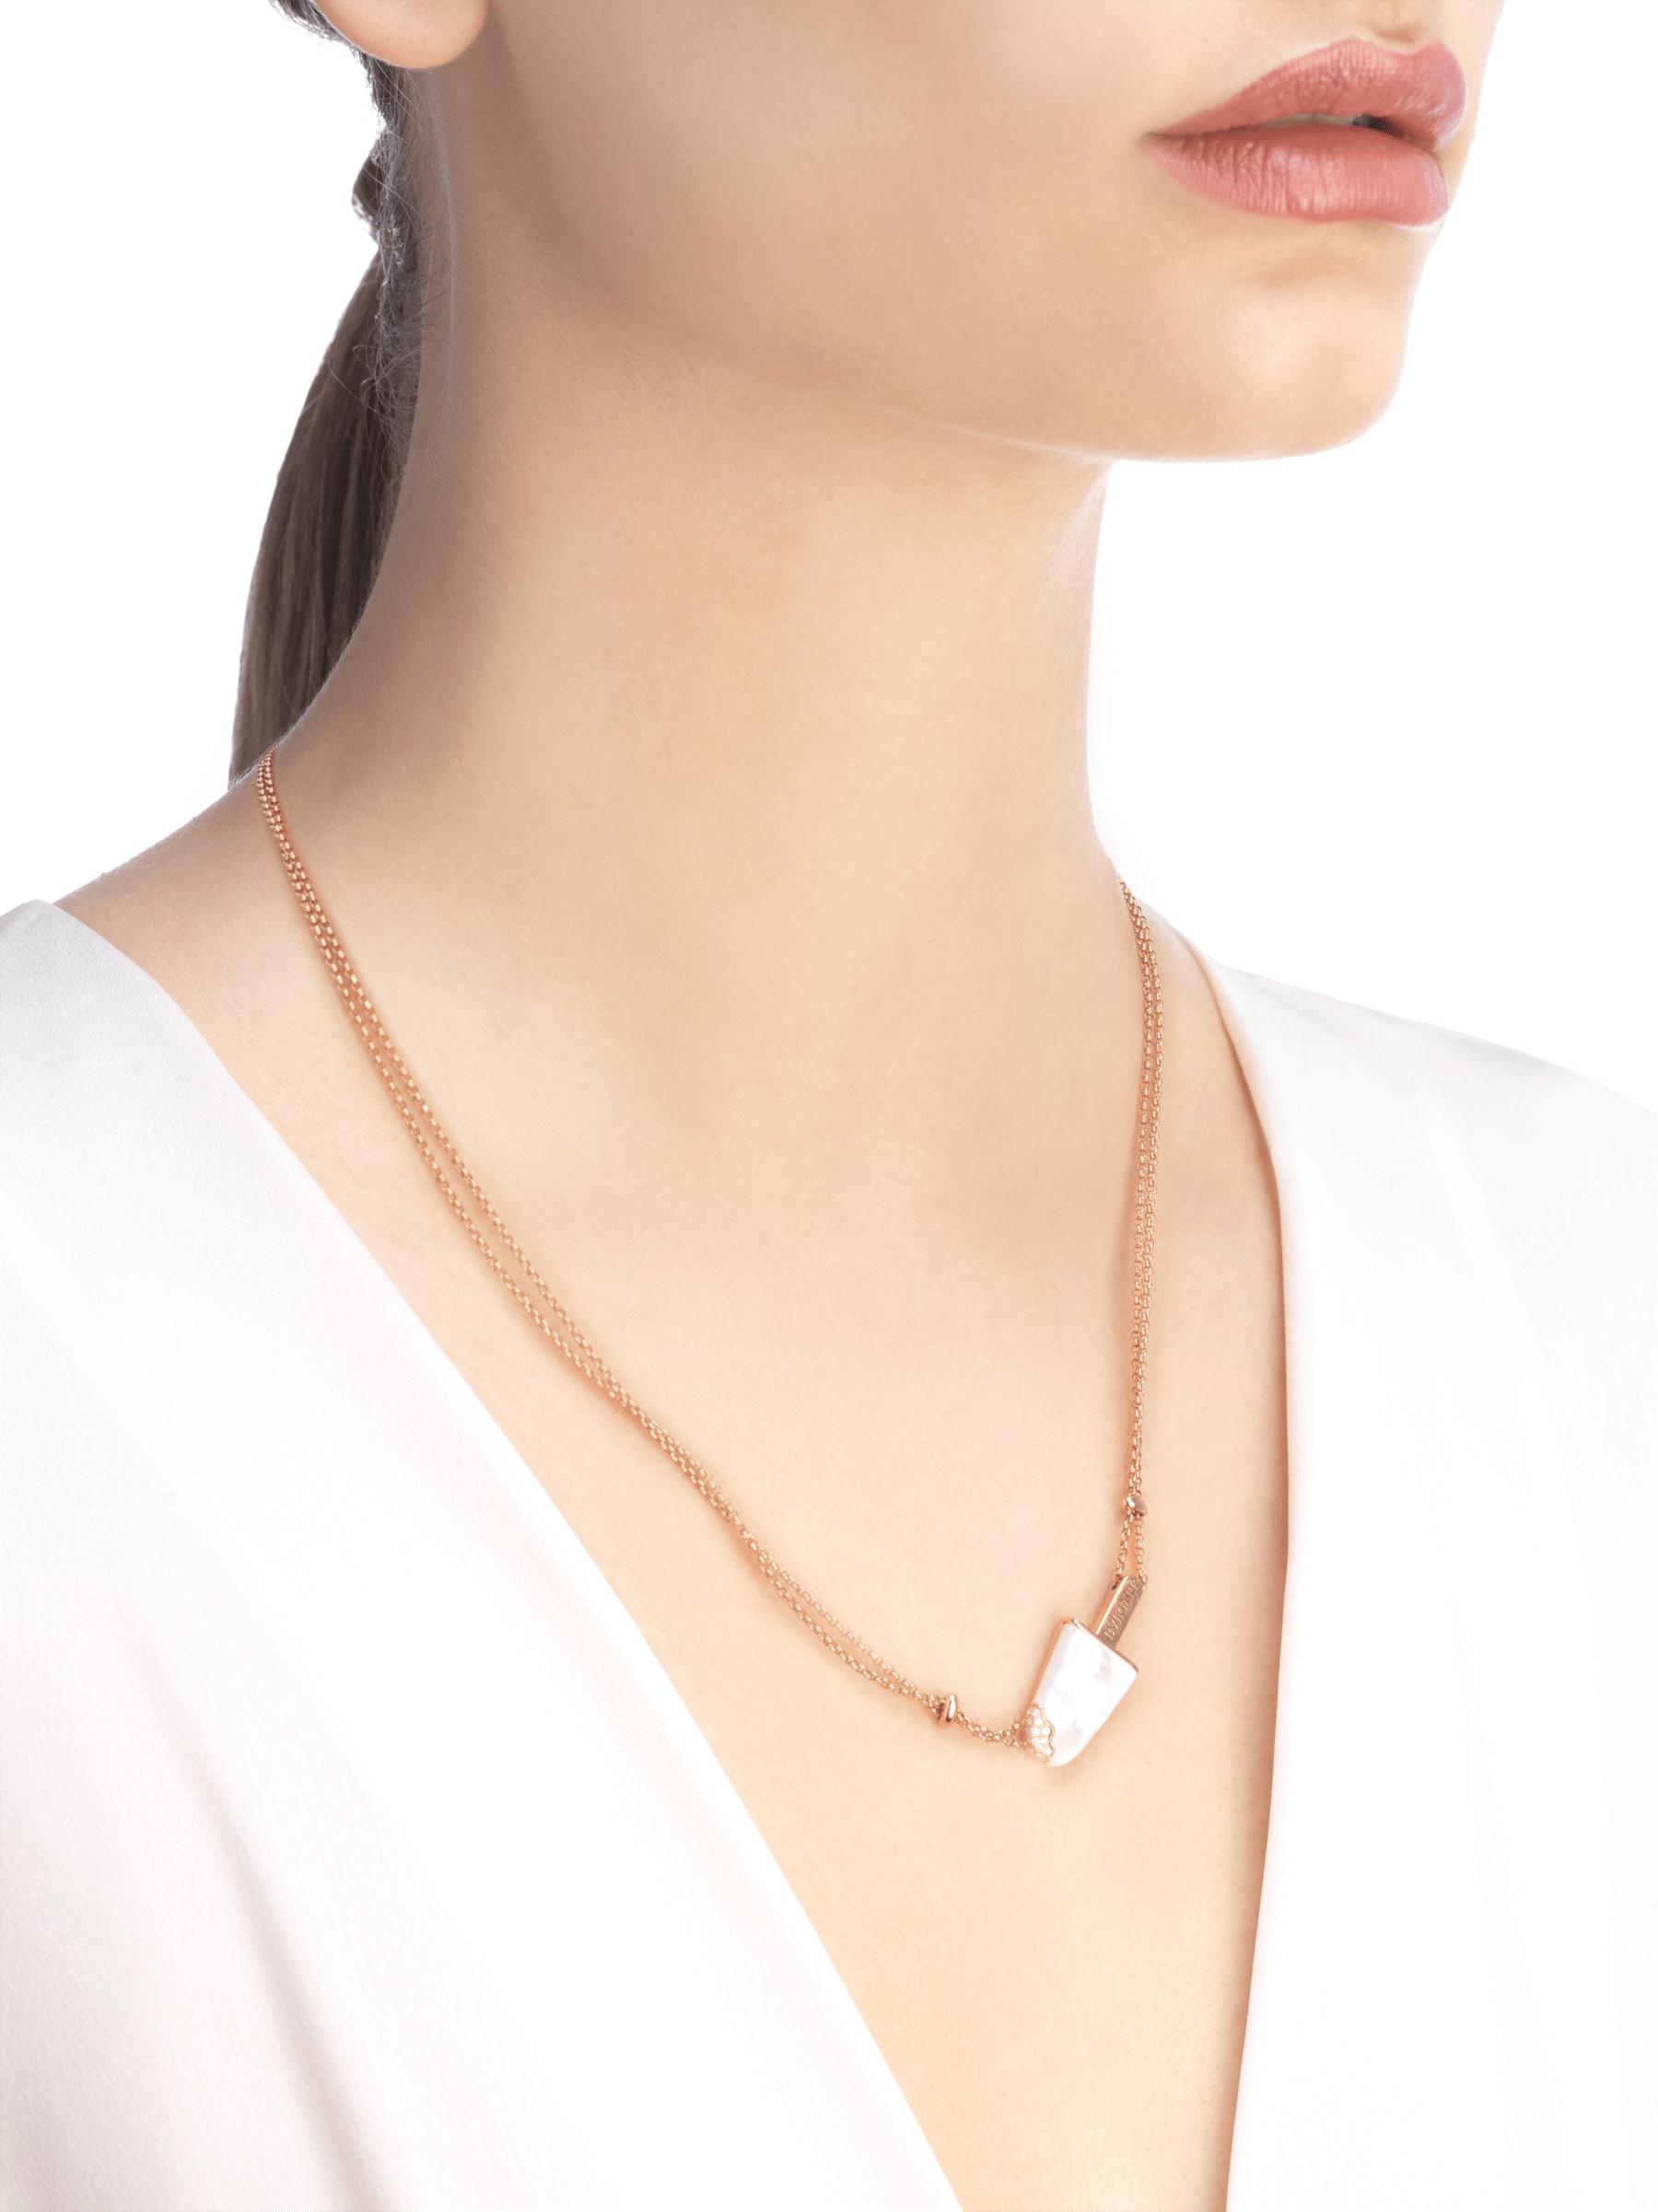 Colar BVLGARIBVLGARI Gelati em ouro rosa 18K cravejado com madrepérola e pavê de diamantes 356132 image 3